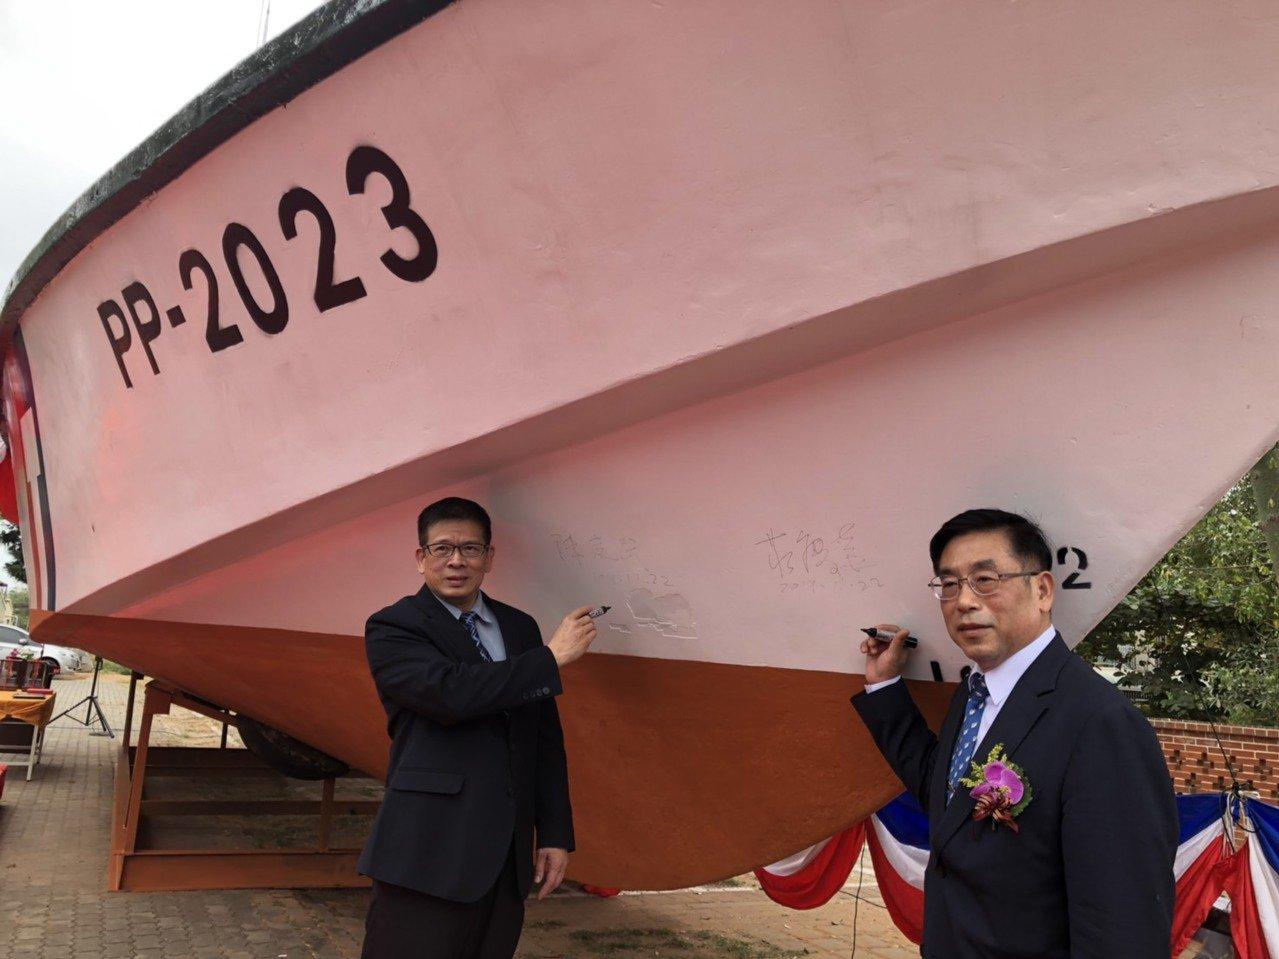 金大校長陳建民(左)和海洋委員會副政務主任委員莊慶達(右)在除役的2023艇上簽...